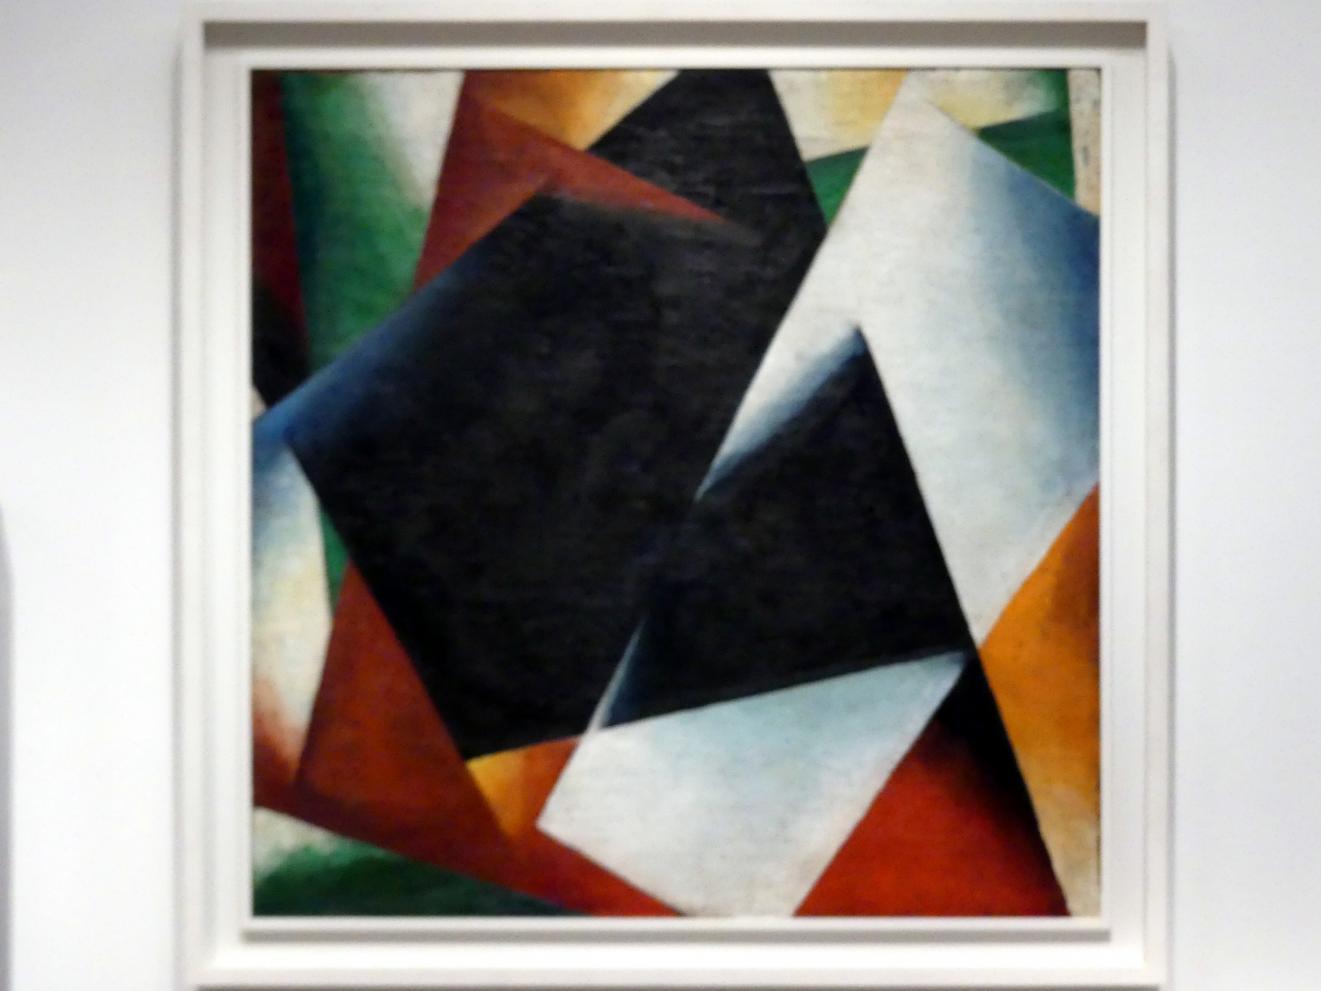 Ljubow Sergejewna Popowa: Malerische Architektonik, 1918